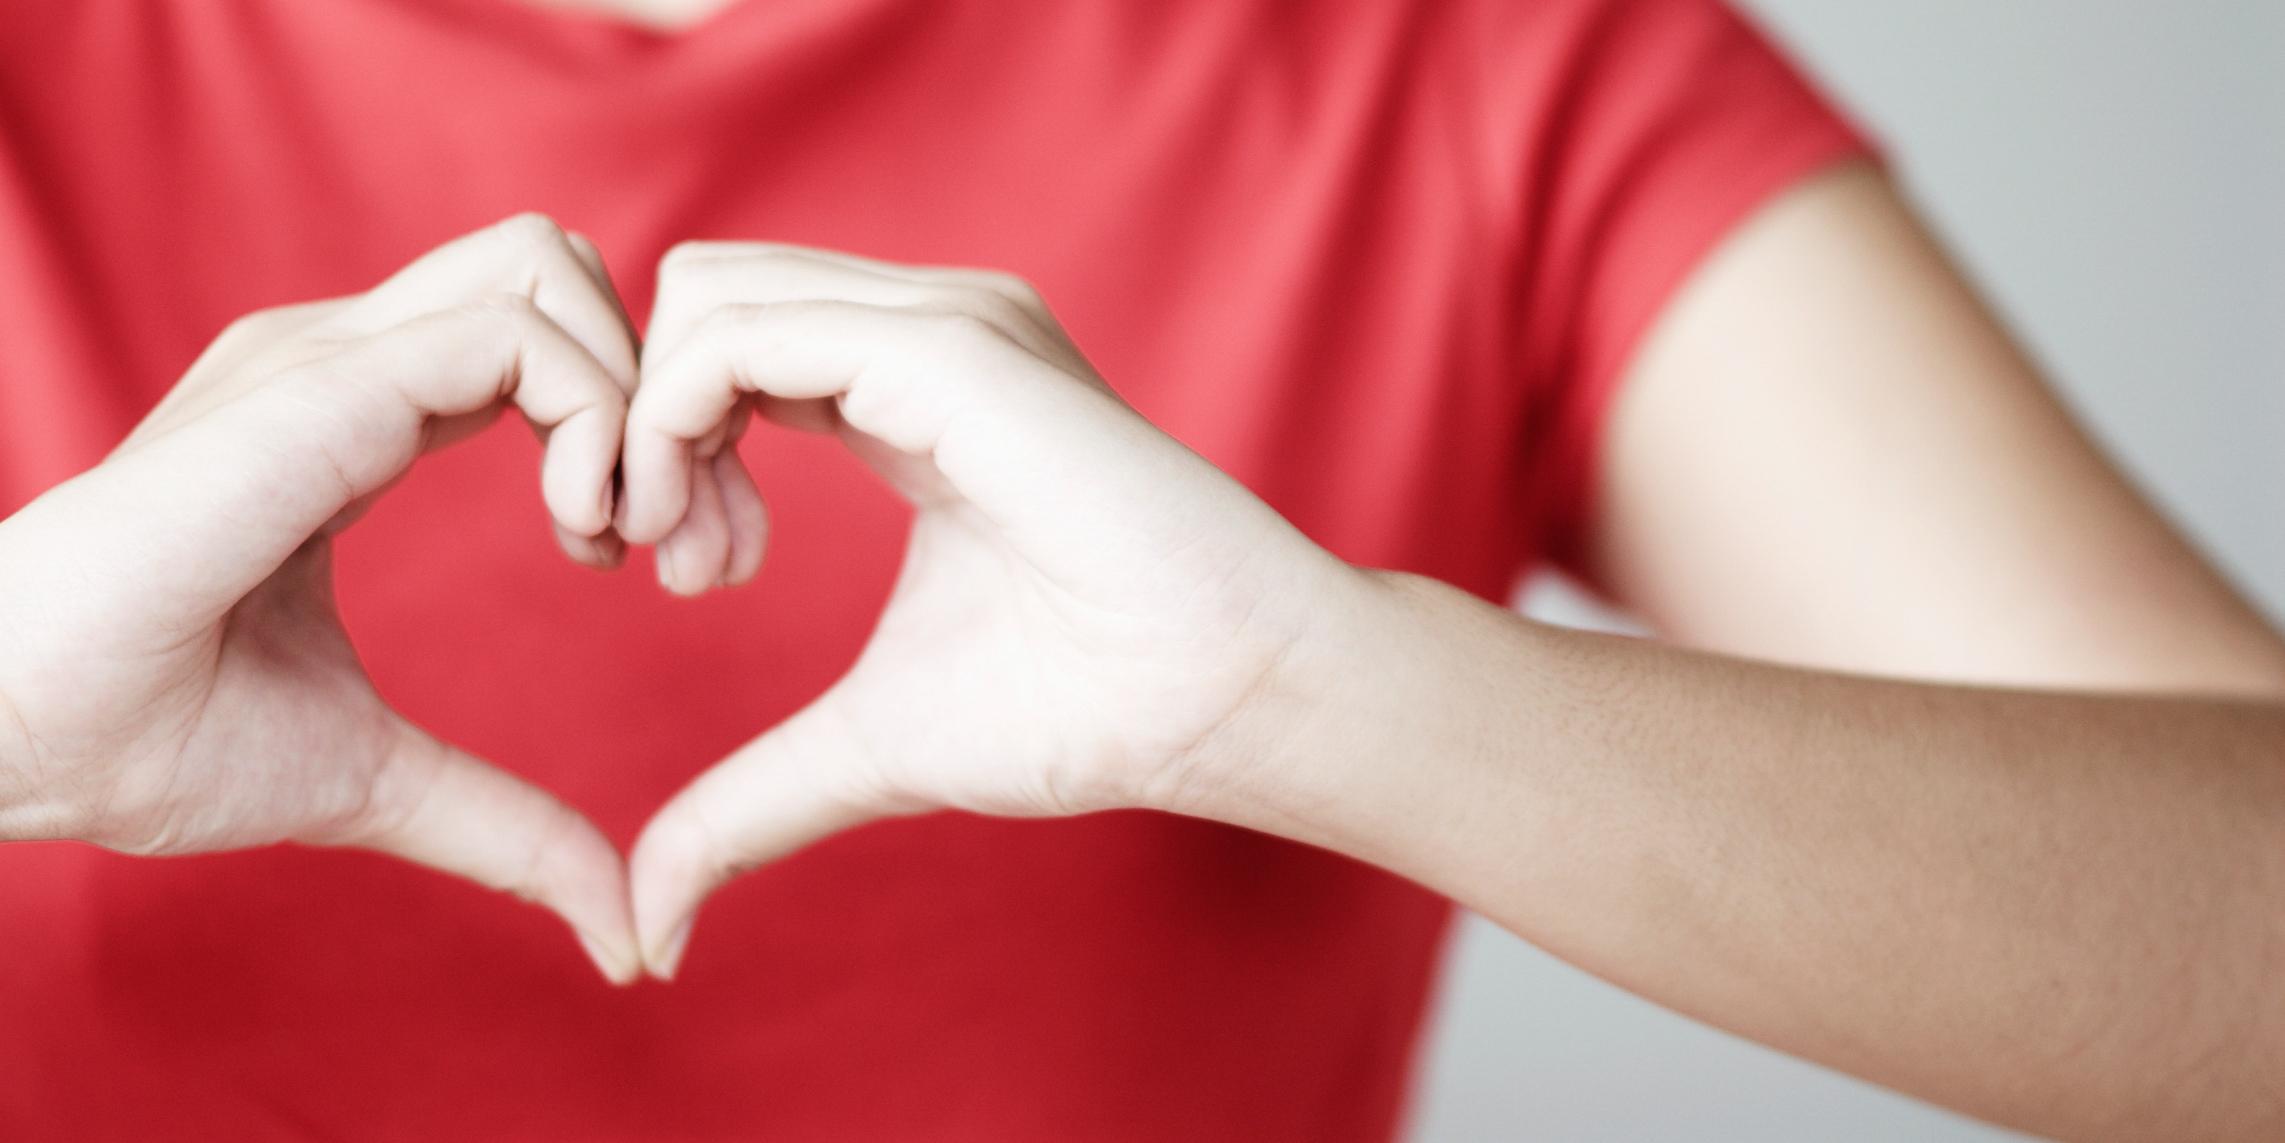 cardiology_78815991